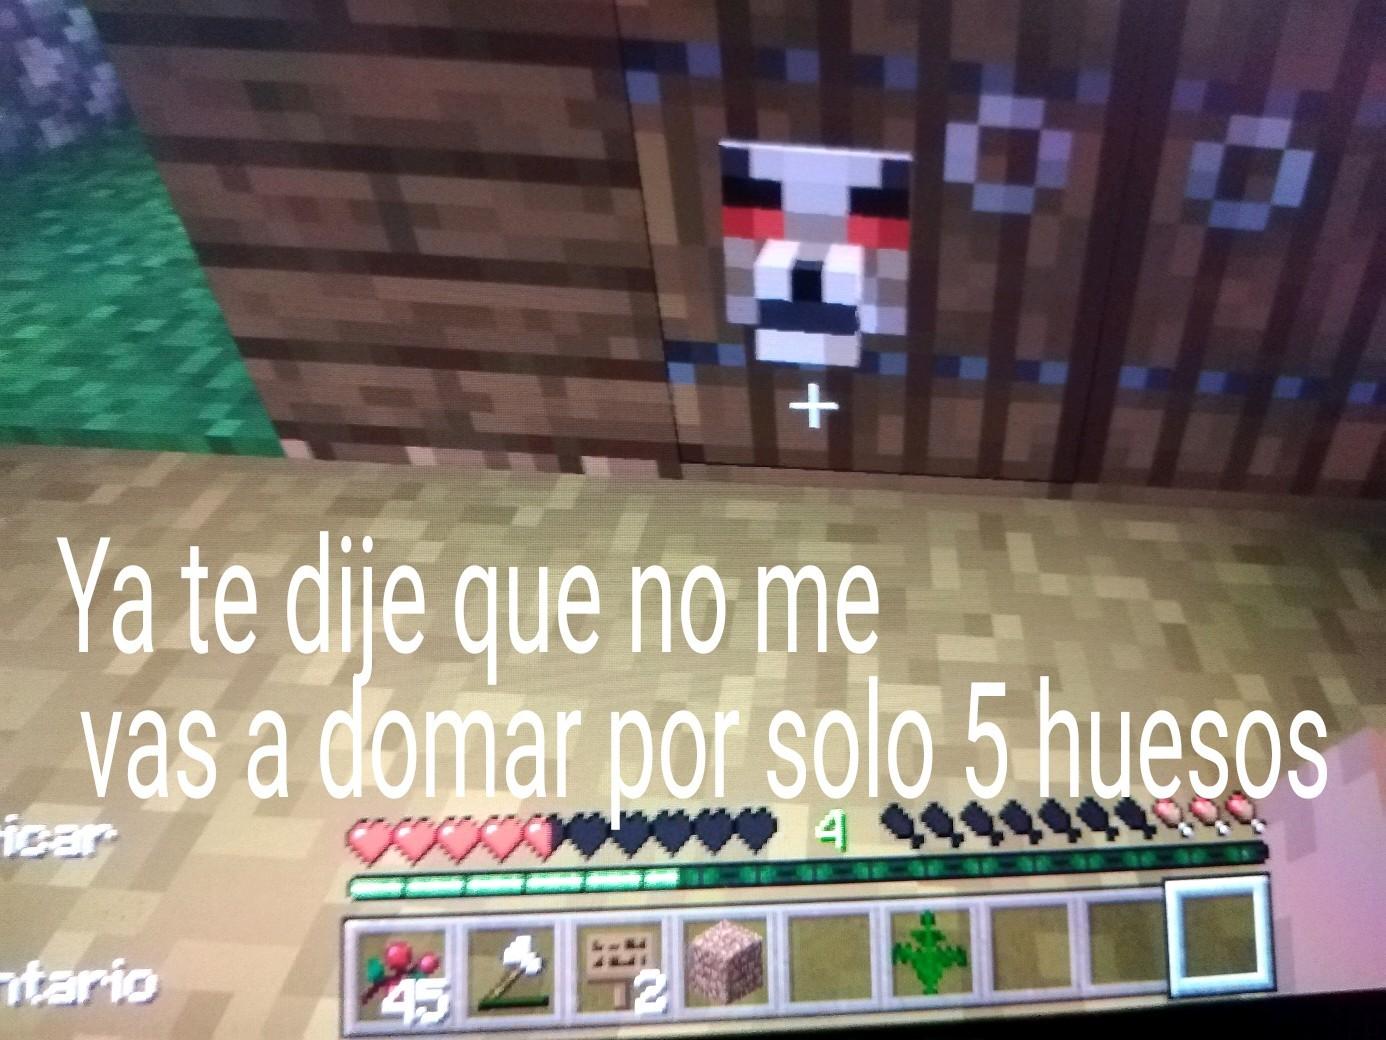 Pinche lobo quiere 10 huesos de los venezolanos - meme